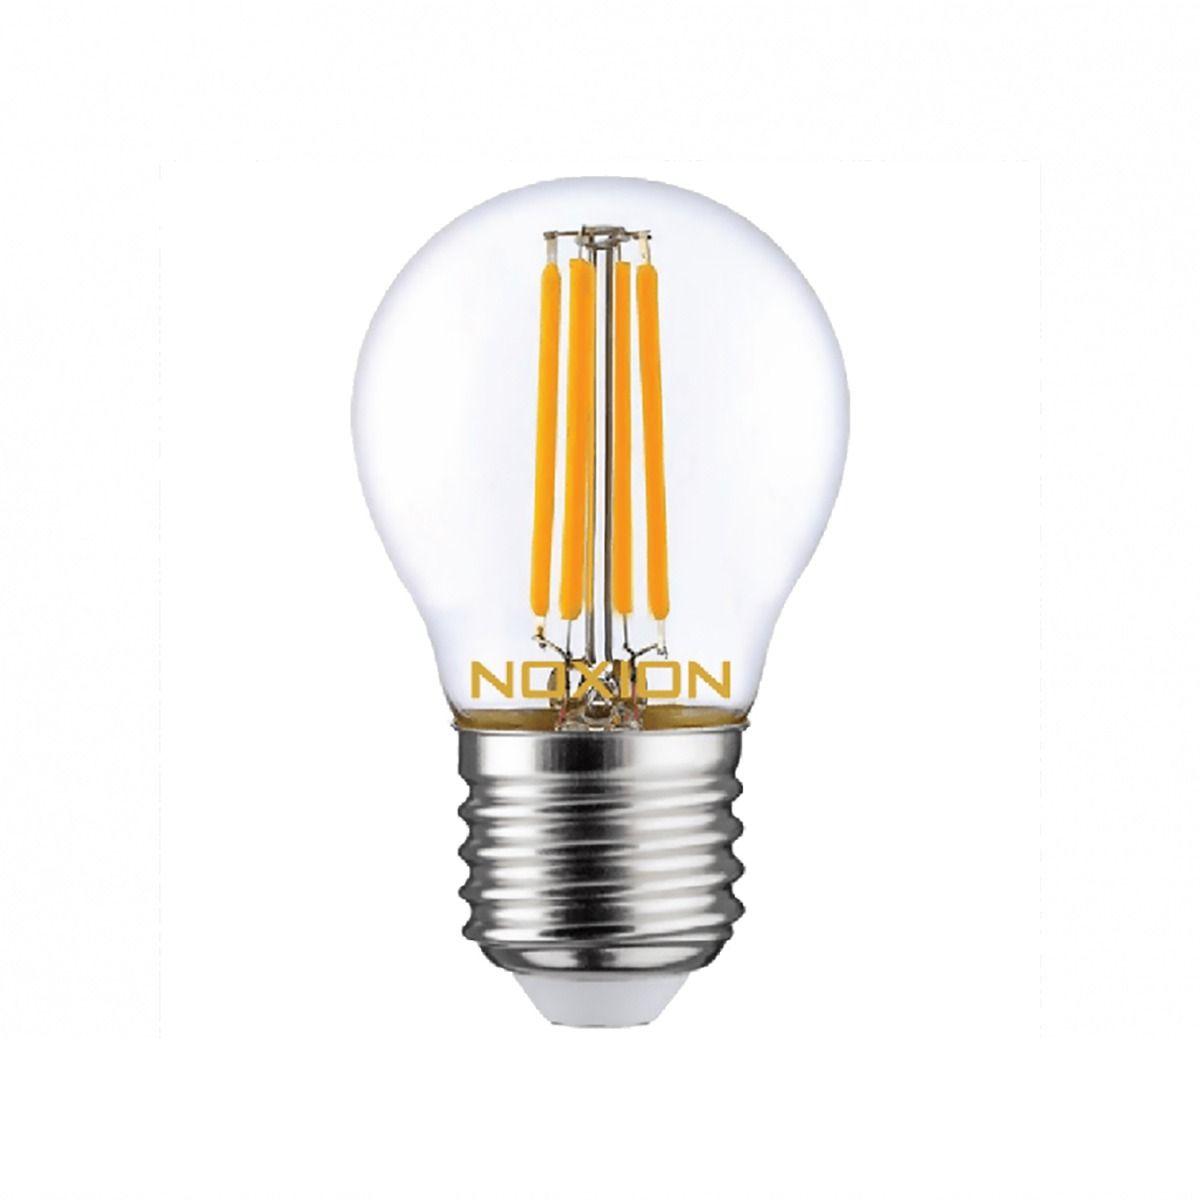 Noxion Lucent Filament LED Lustre 4.5W 827 P45 E27 Kirkas | Erittäin Lämmin Valkoinen - Korvaa 40W